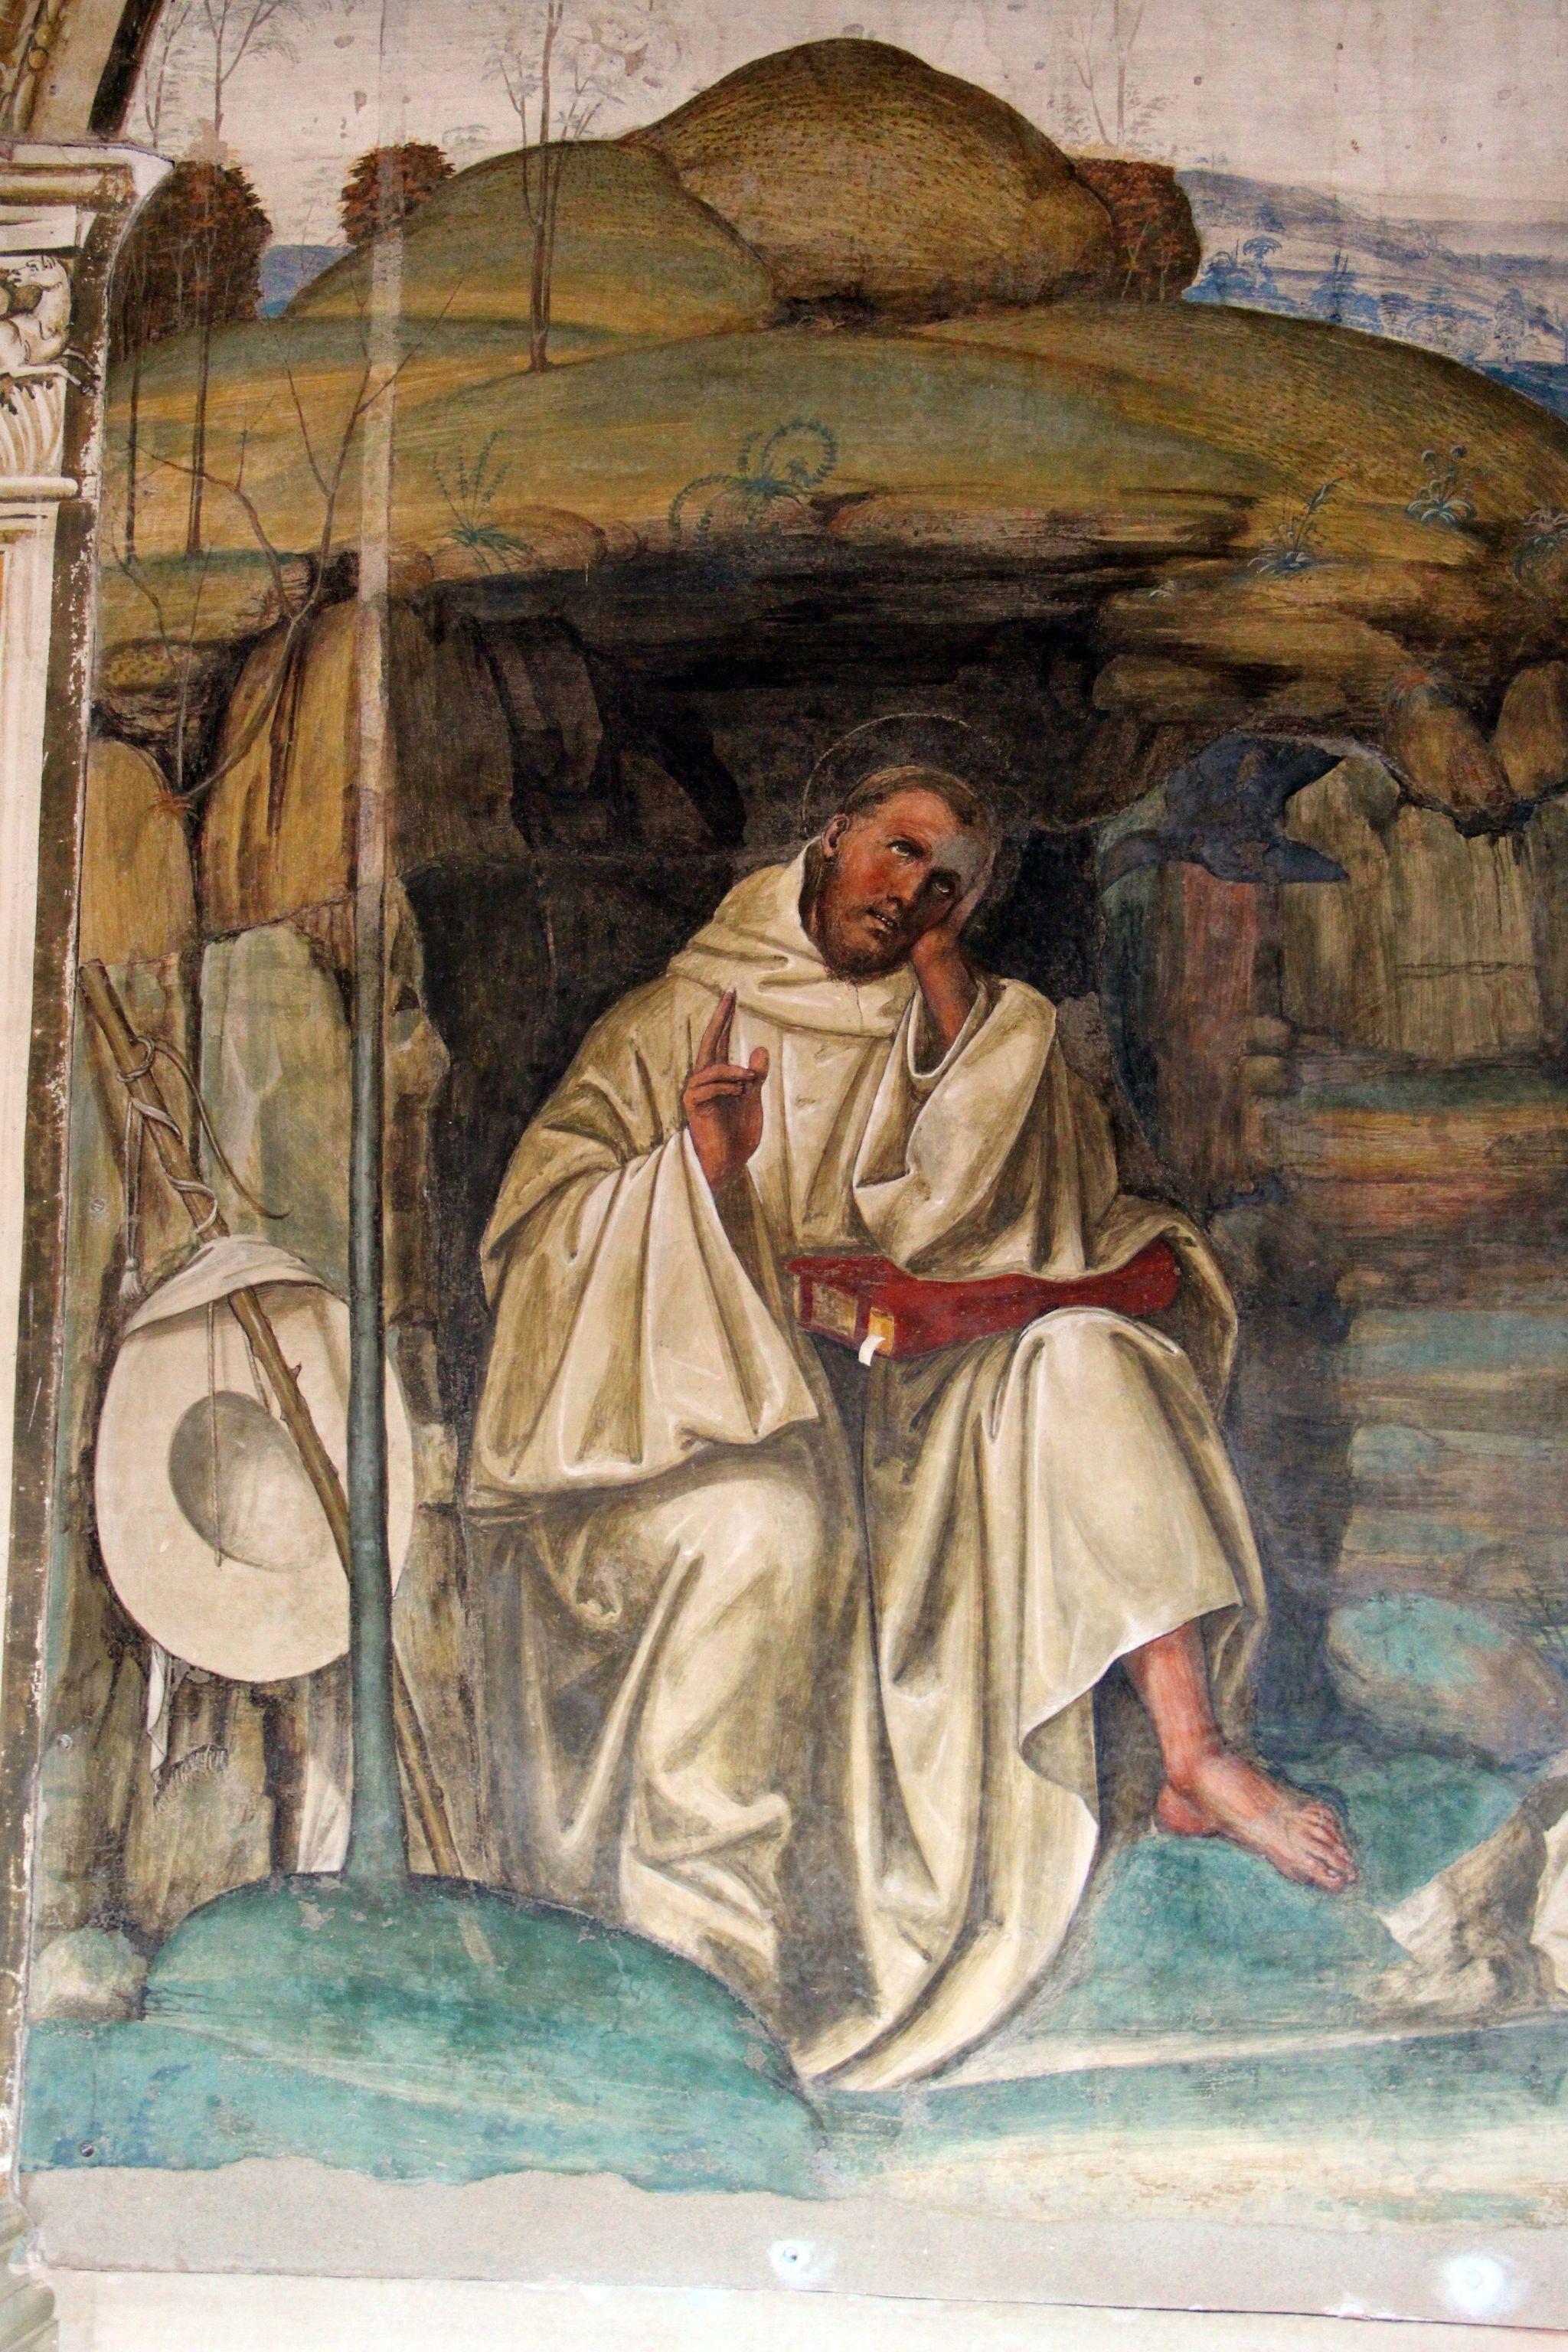 Storie di s. benedetto, 08 sodoma - Come Benedetto tentato d'impurità supera la tentazione 03